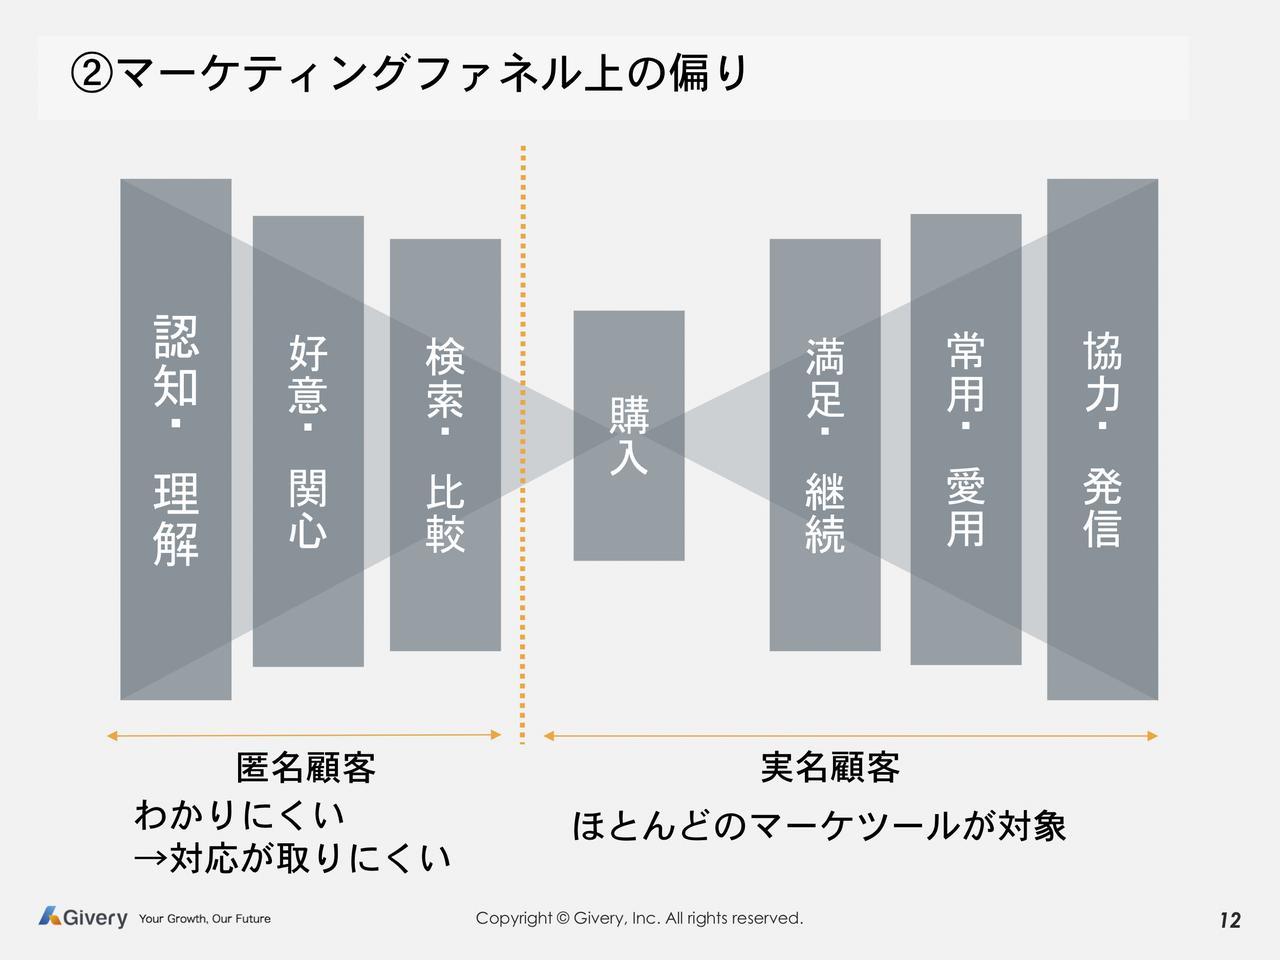 画像2: ユーザーの多様化により難易度が増すデジタルマーケティング